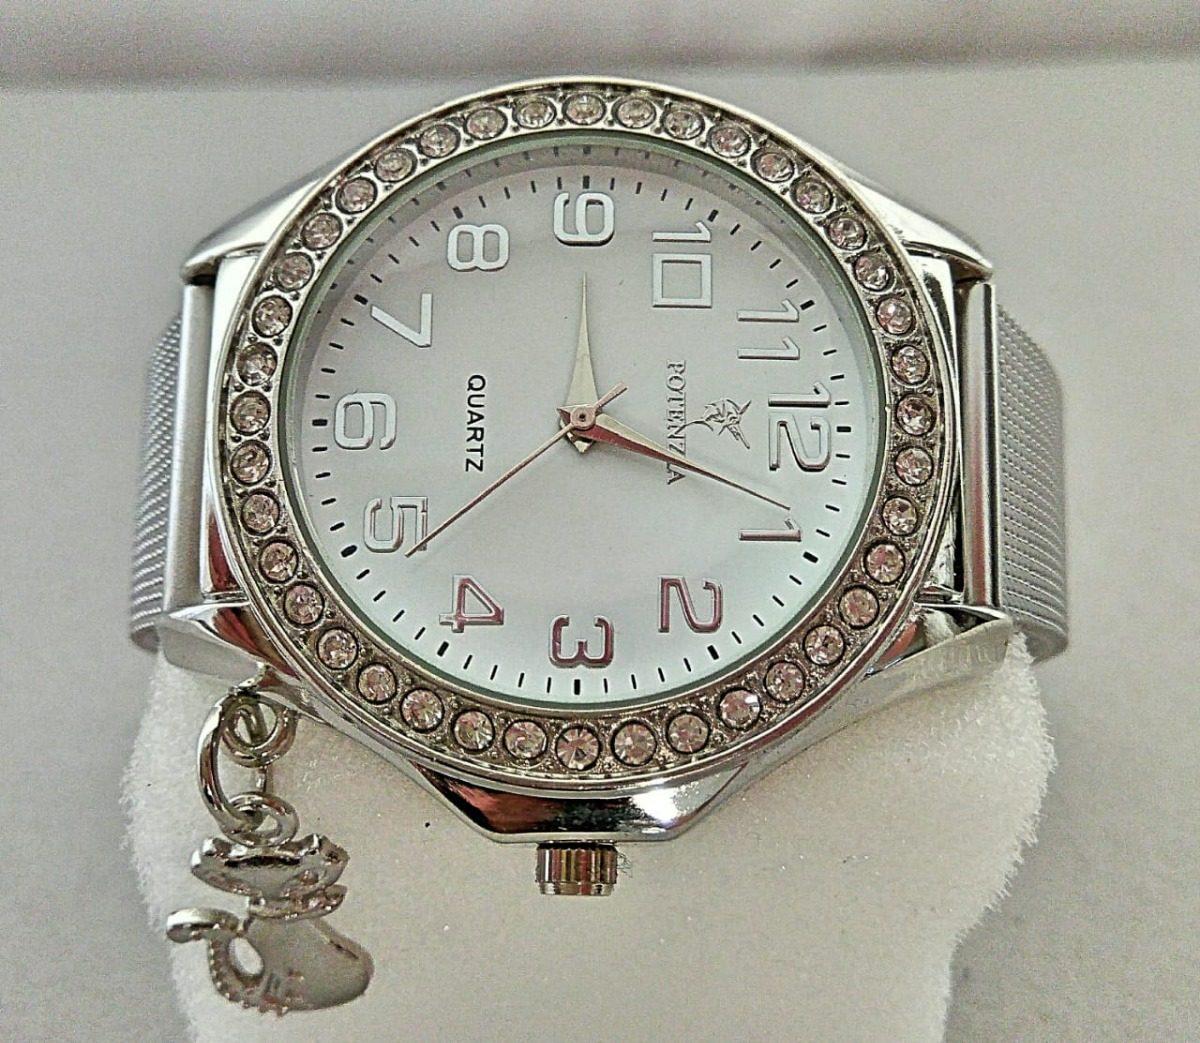 5d9e6f7caa0 relógio feminino de pulso pulseira prateado delicado barato. Carregando  zoom.